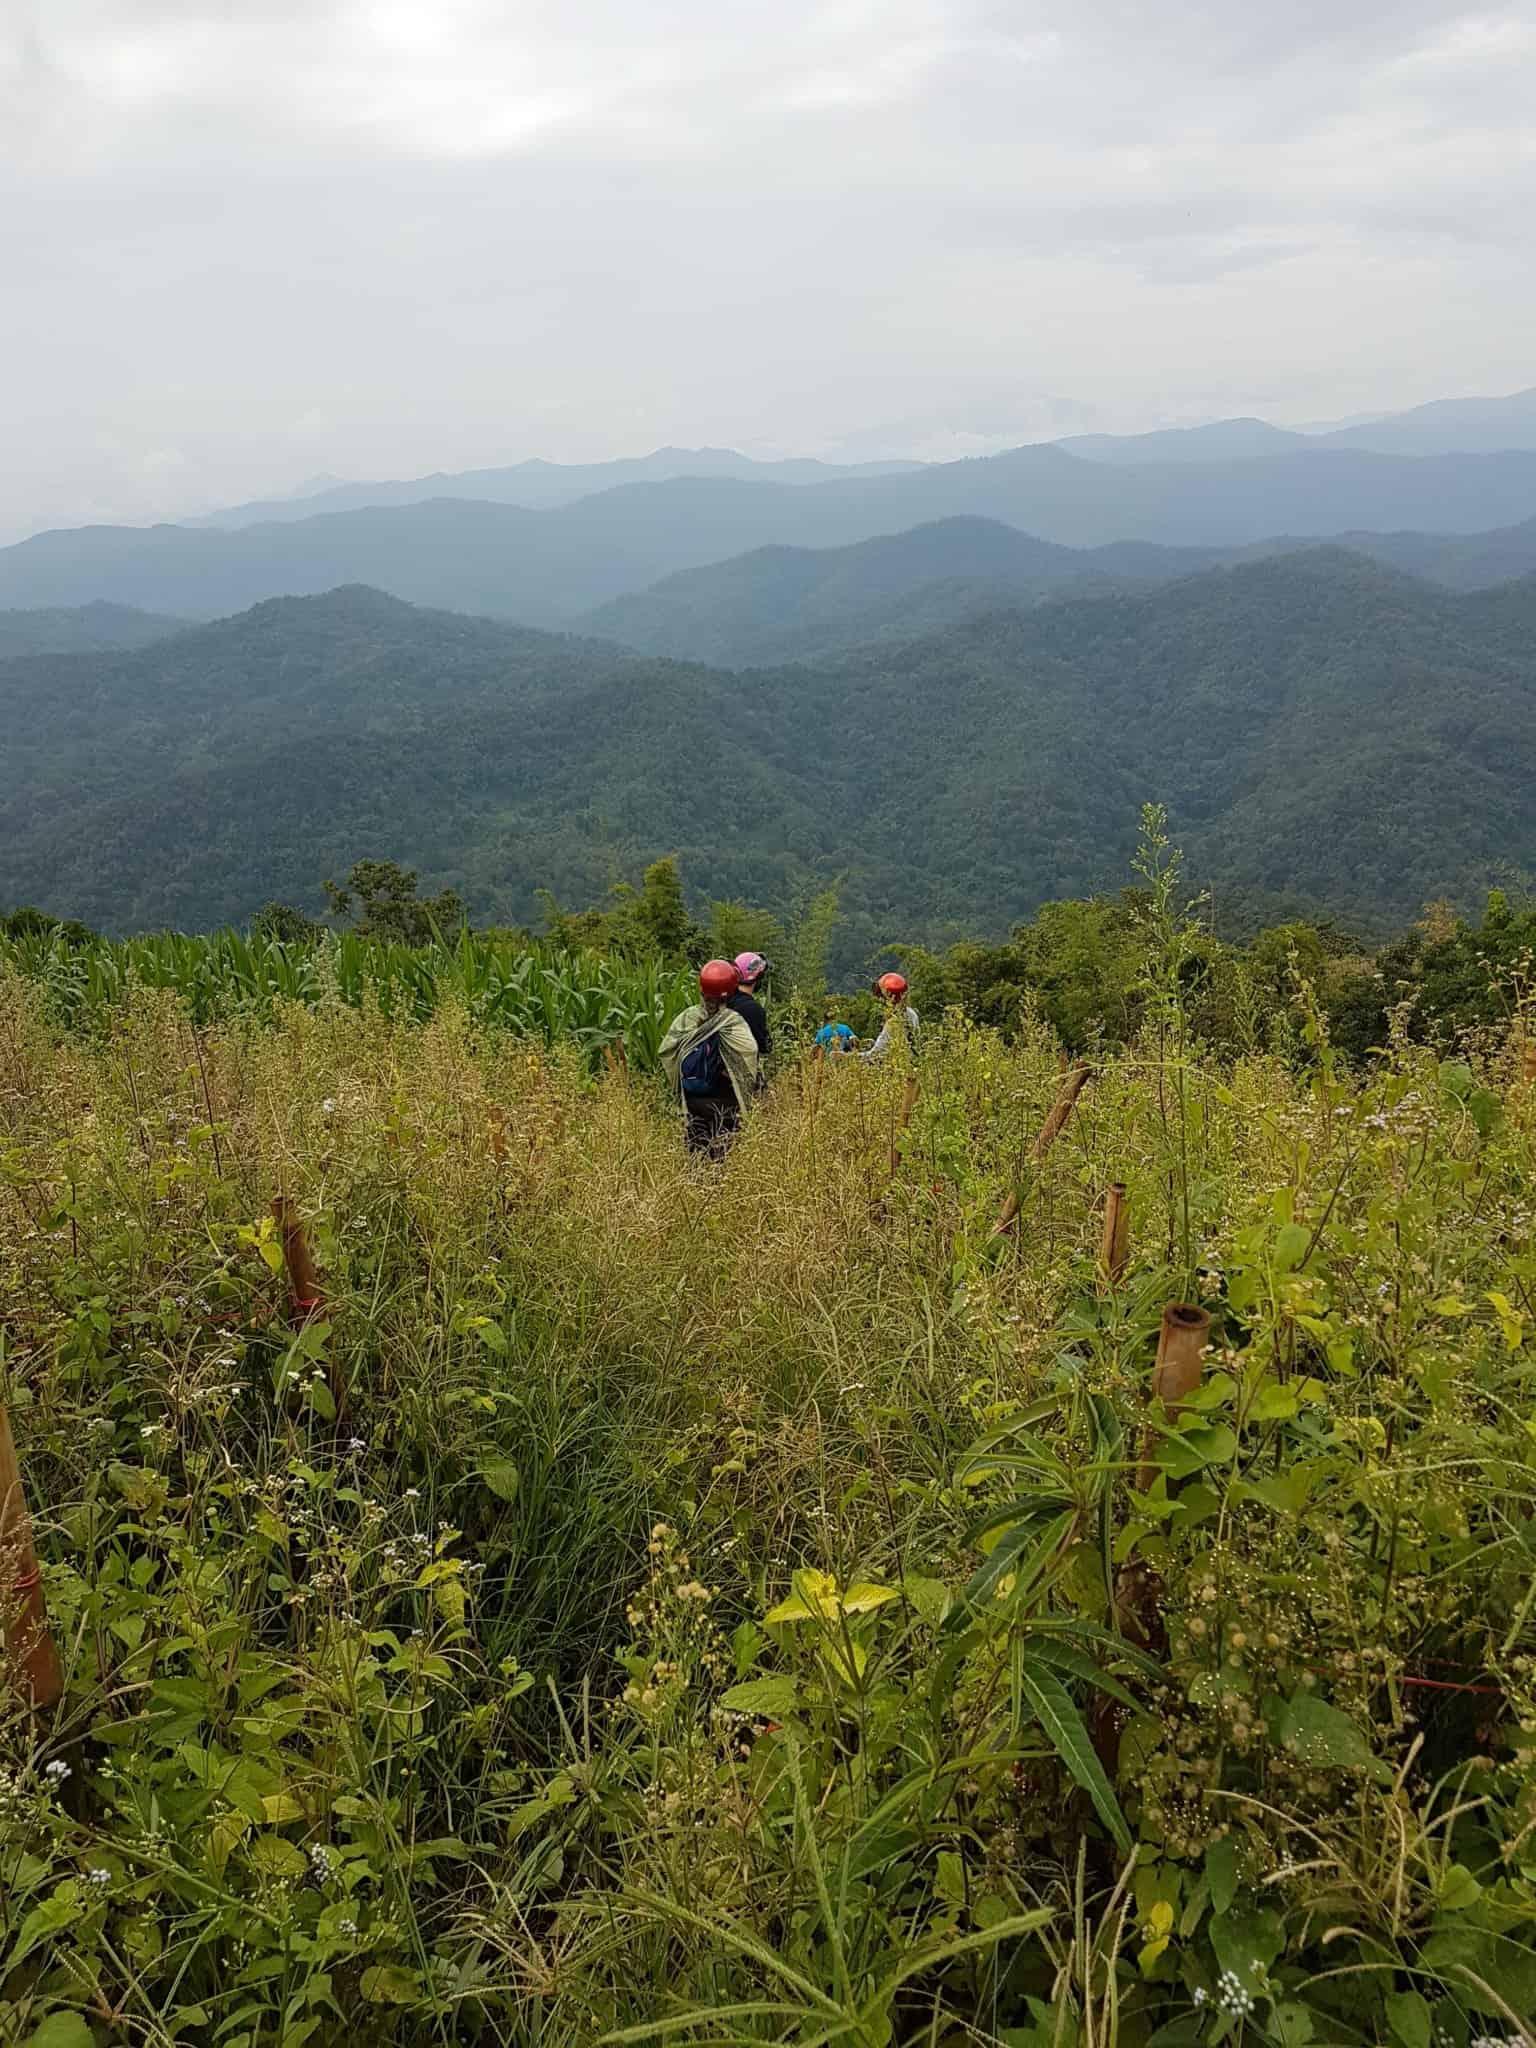 Thaïlande, tour en quad et rencontre imprévue avec les éléphants 🐘 4